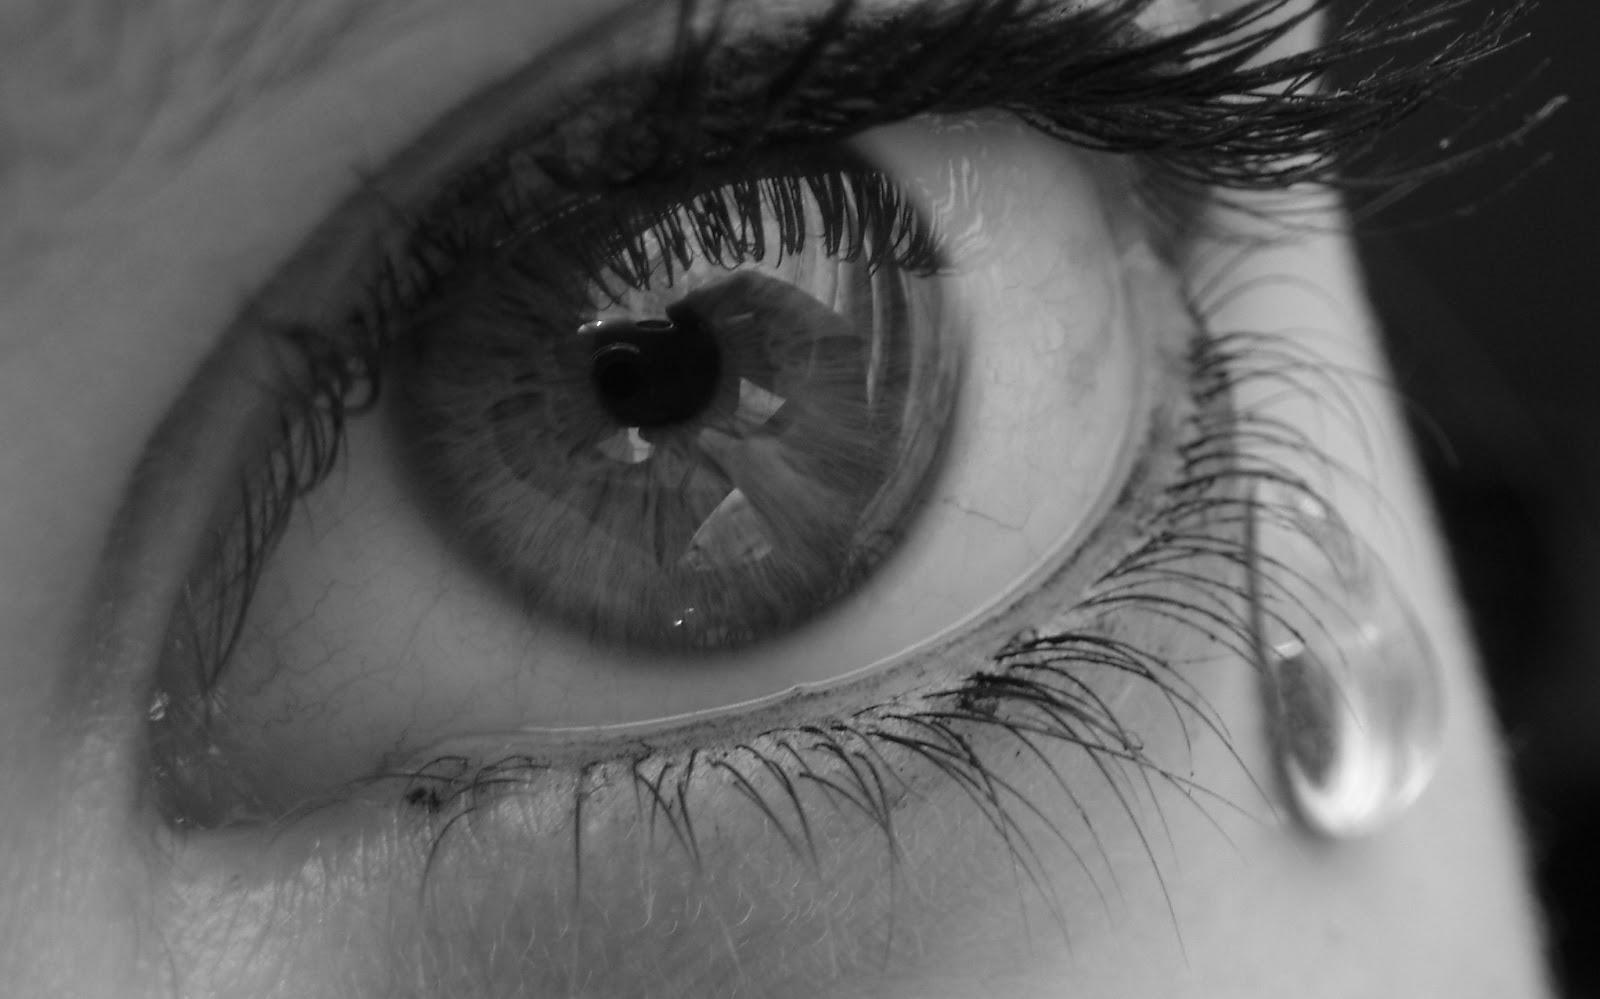 http://3.bp.blogspot.com/-SqgTtFwEaa8/TlfeoLECsQI/AAAAAAAAAsU/2ldhOxxBEuw/s1600/sad-eye.jpg